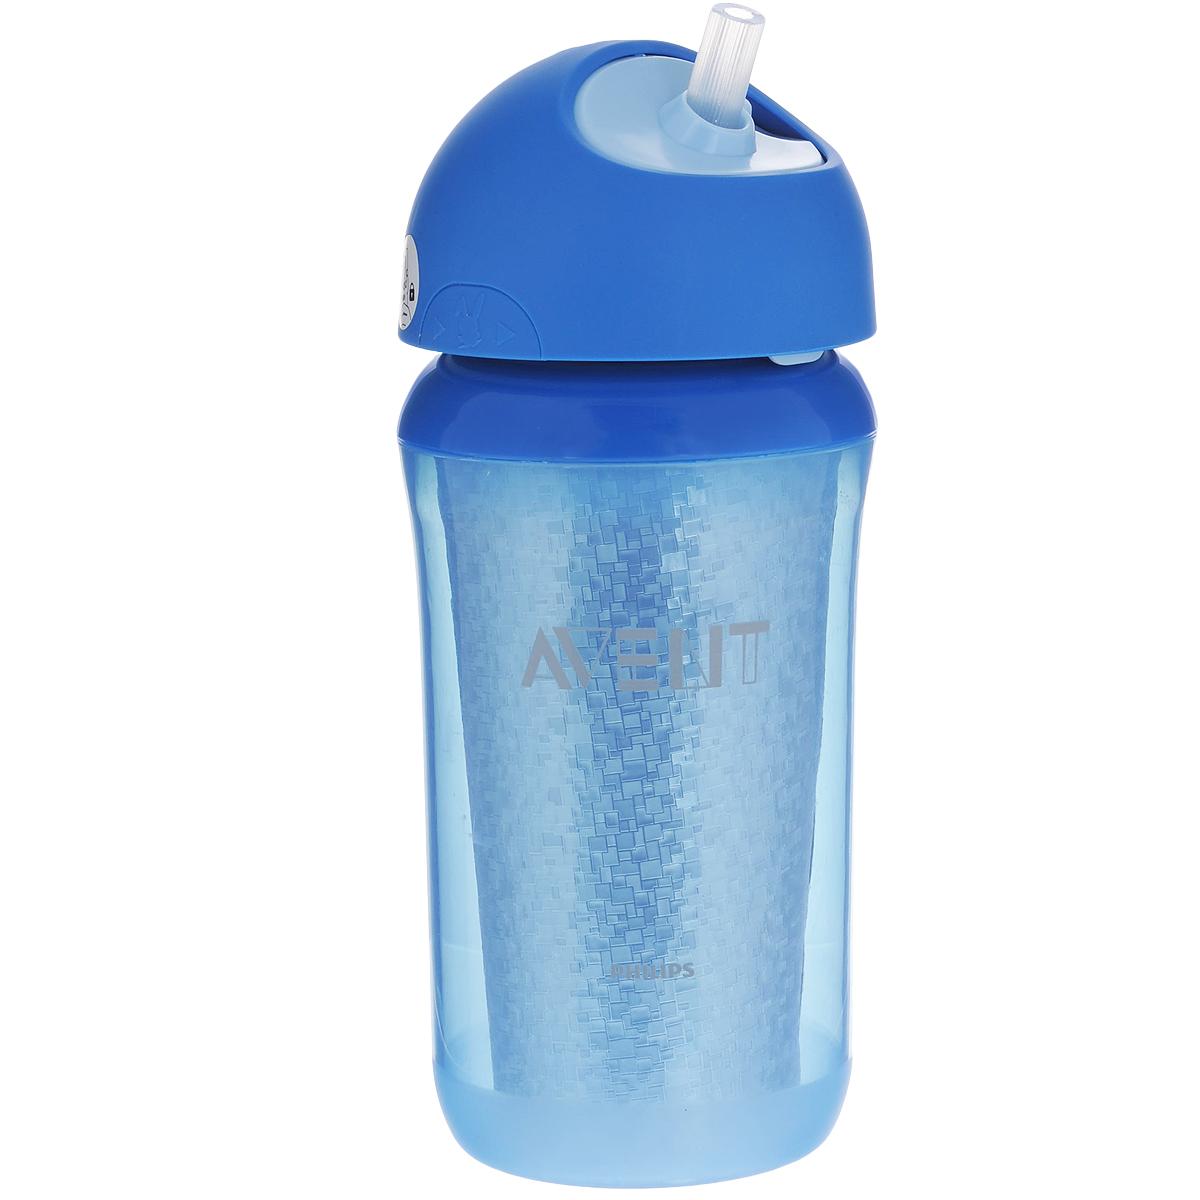 """Поильник-термочашка """"Avent"""", выполненный из полипропилена (не содержит бисфенол А), специально разработан для малышей от 1 года. Корпус поильника с изолирующими стенками позволяет напиткам долго сохранять свою температуру и свежесть. Крышка поильника плотно герметично закручивается и благодаря цельному клапану, исключает проливание жидкости, даже если малыш перевернет поильник. Силиконовая трубочка термочашки удобна для питья и безопасна для нежных десен ребенка."""